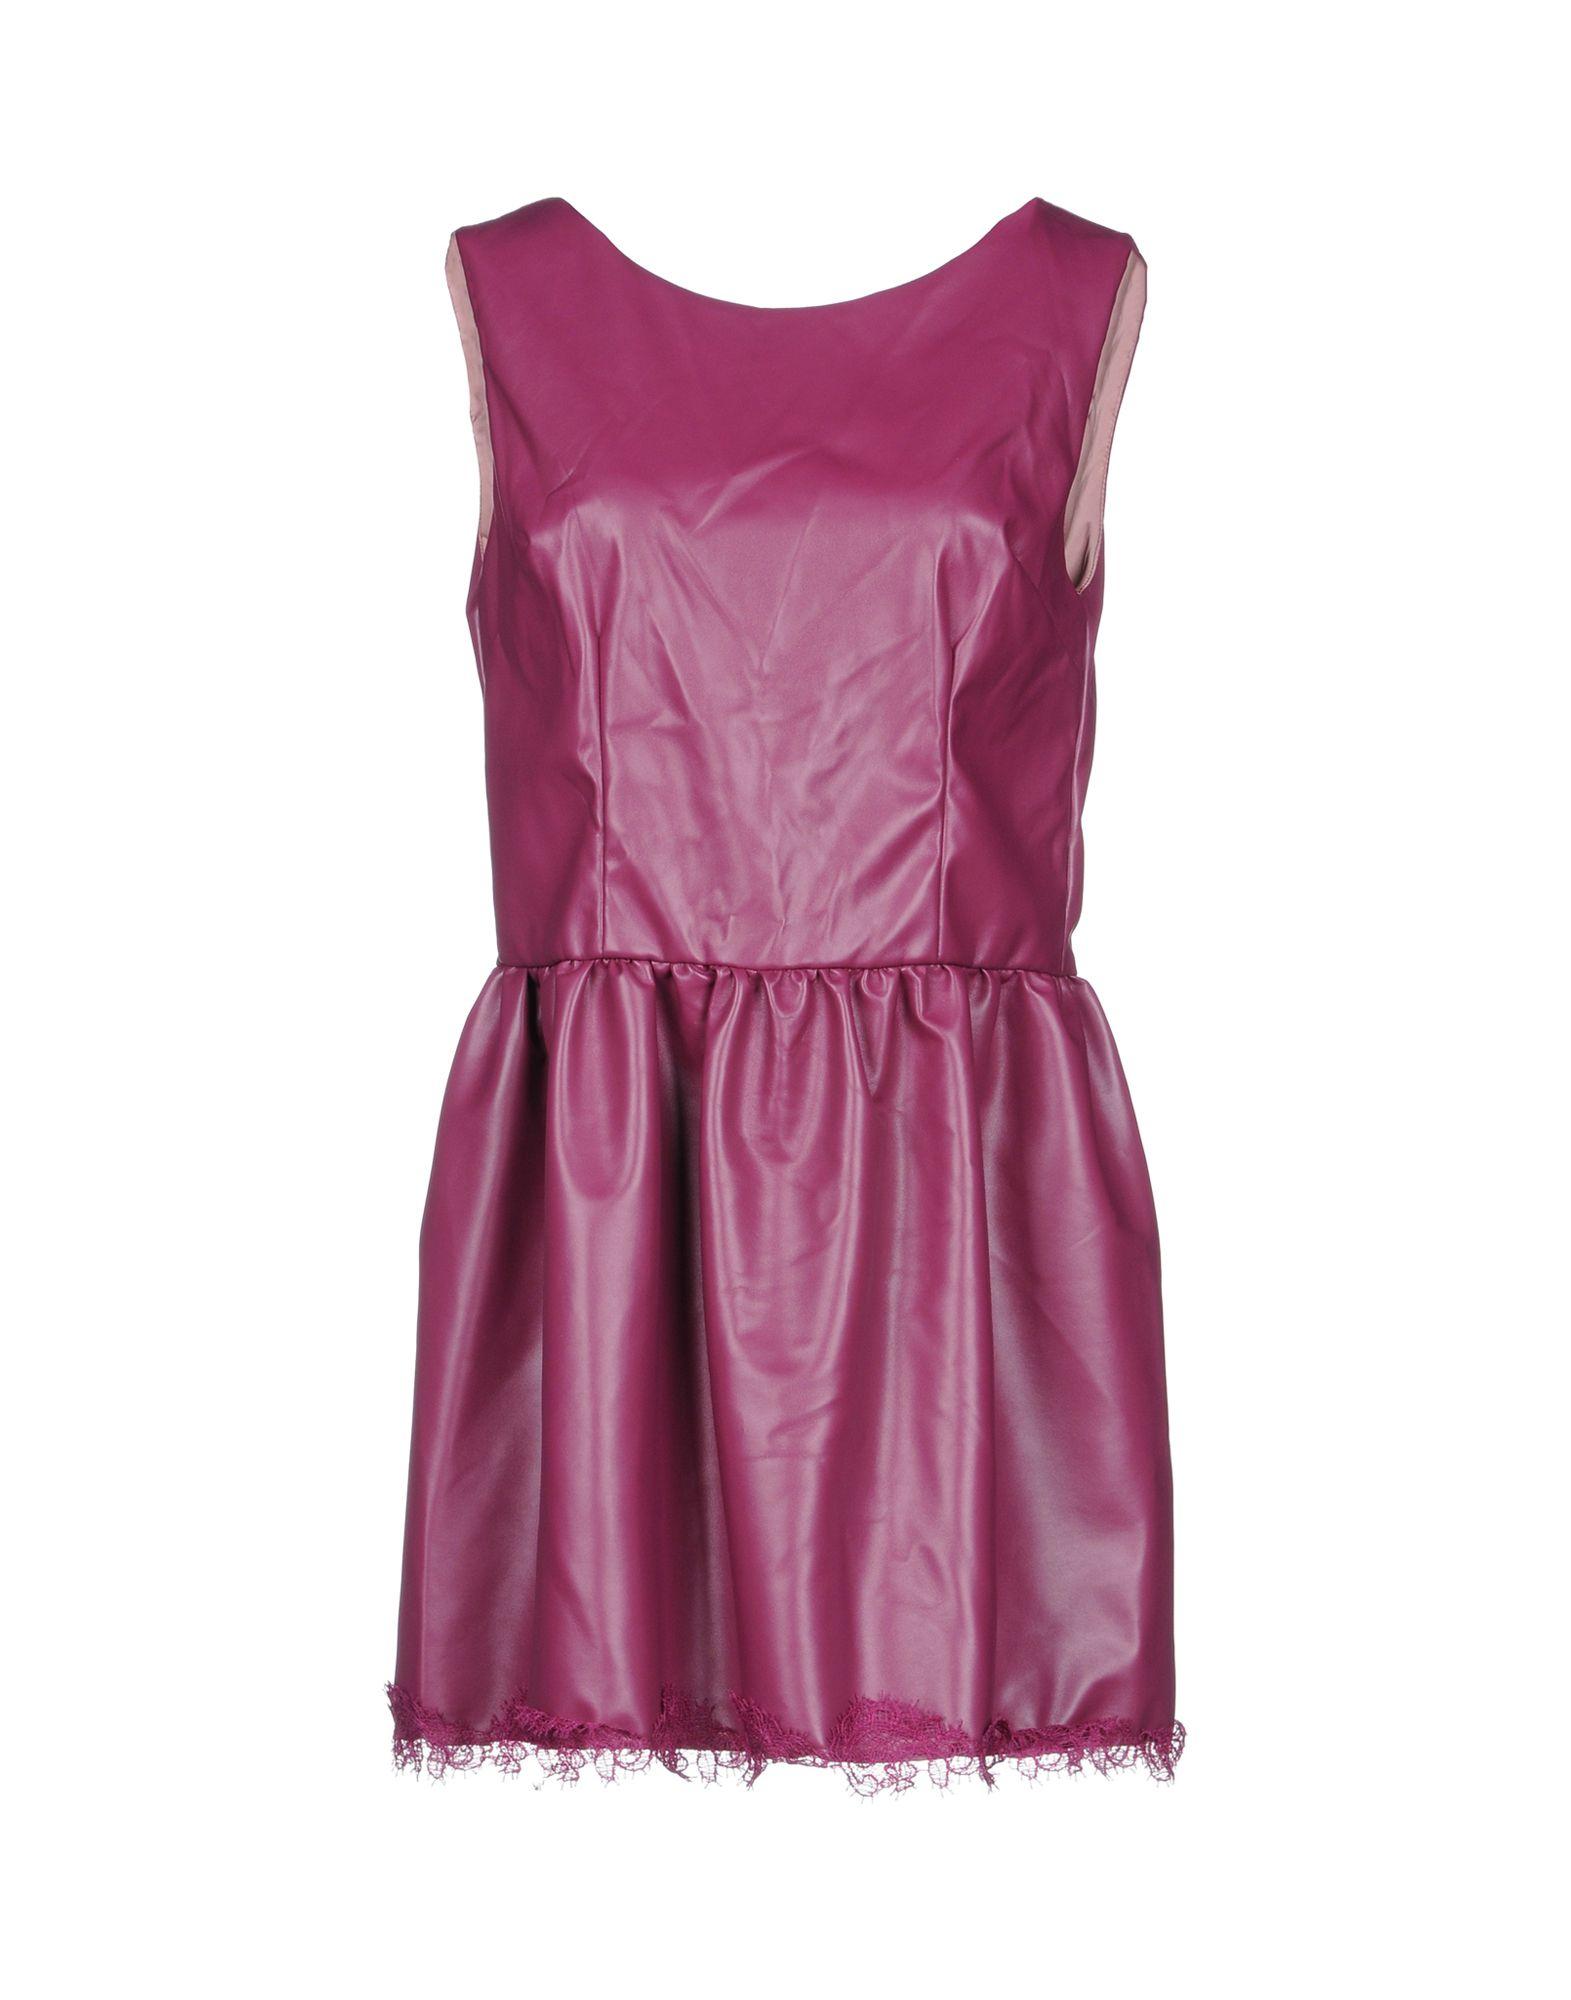 MACRÍ Короткое платье платье без рукавов с кружевной вставкой на спинке